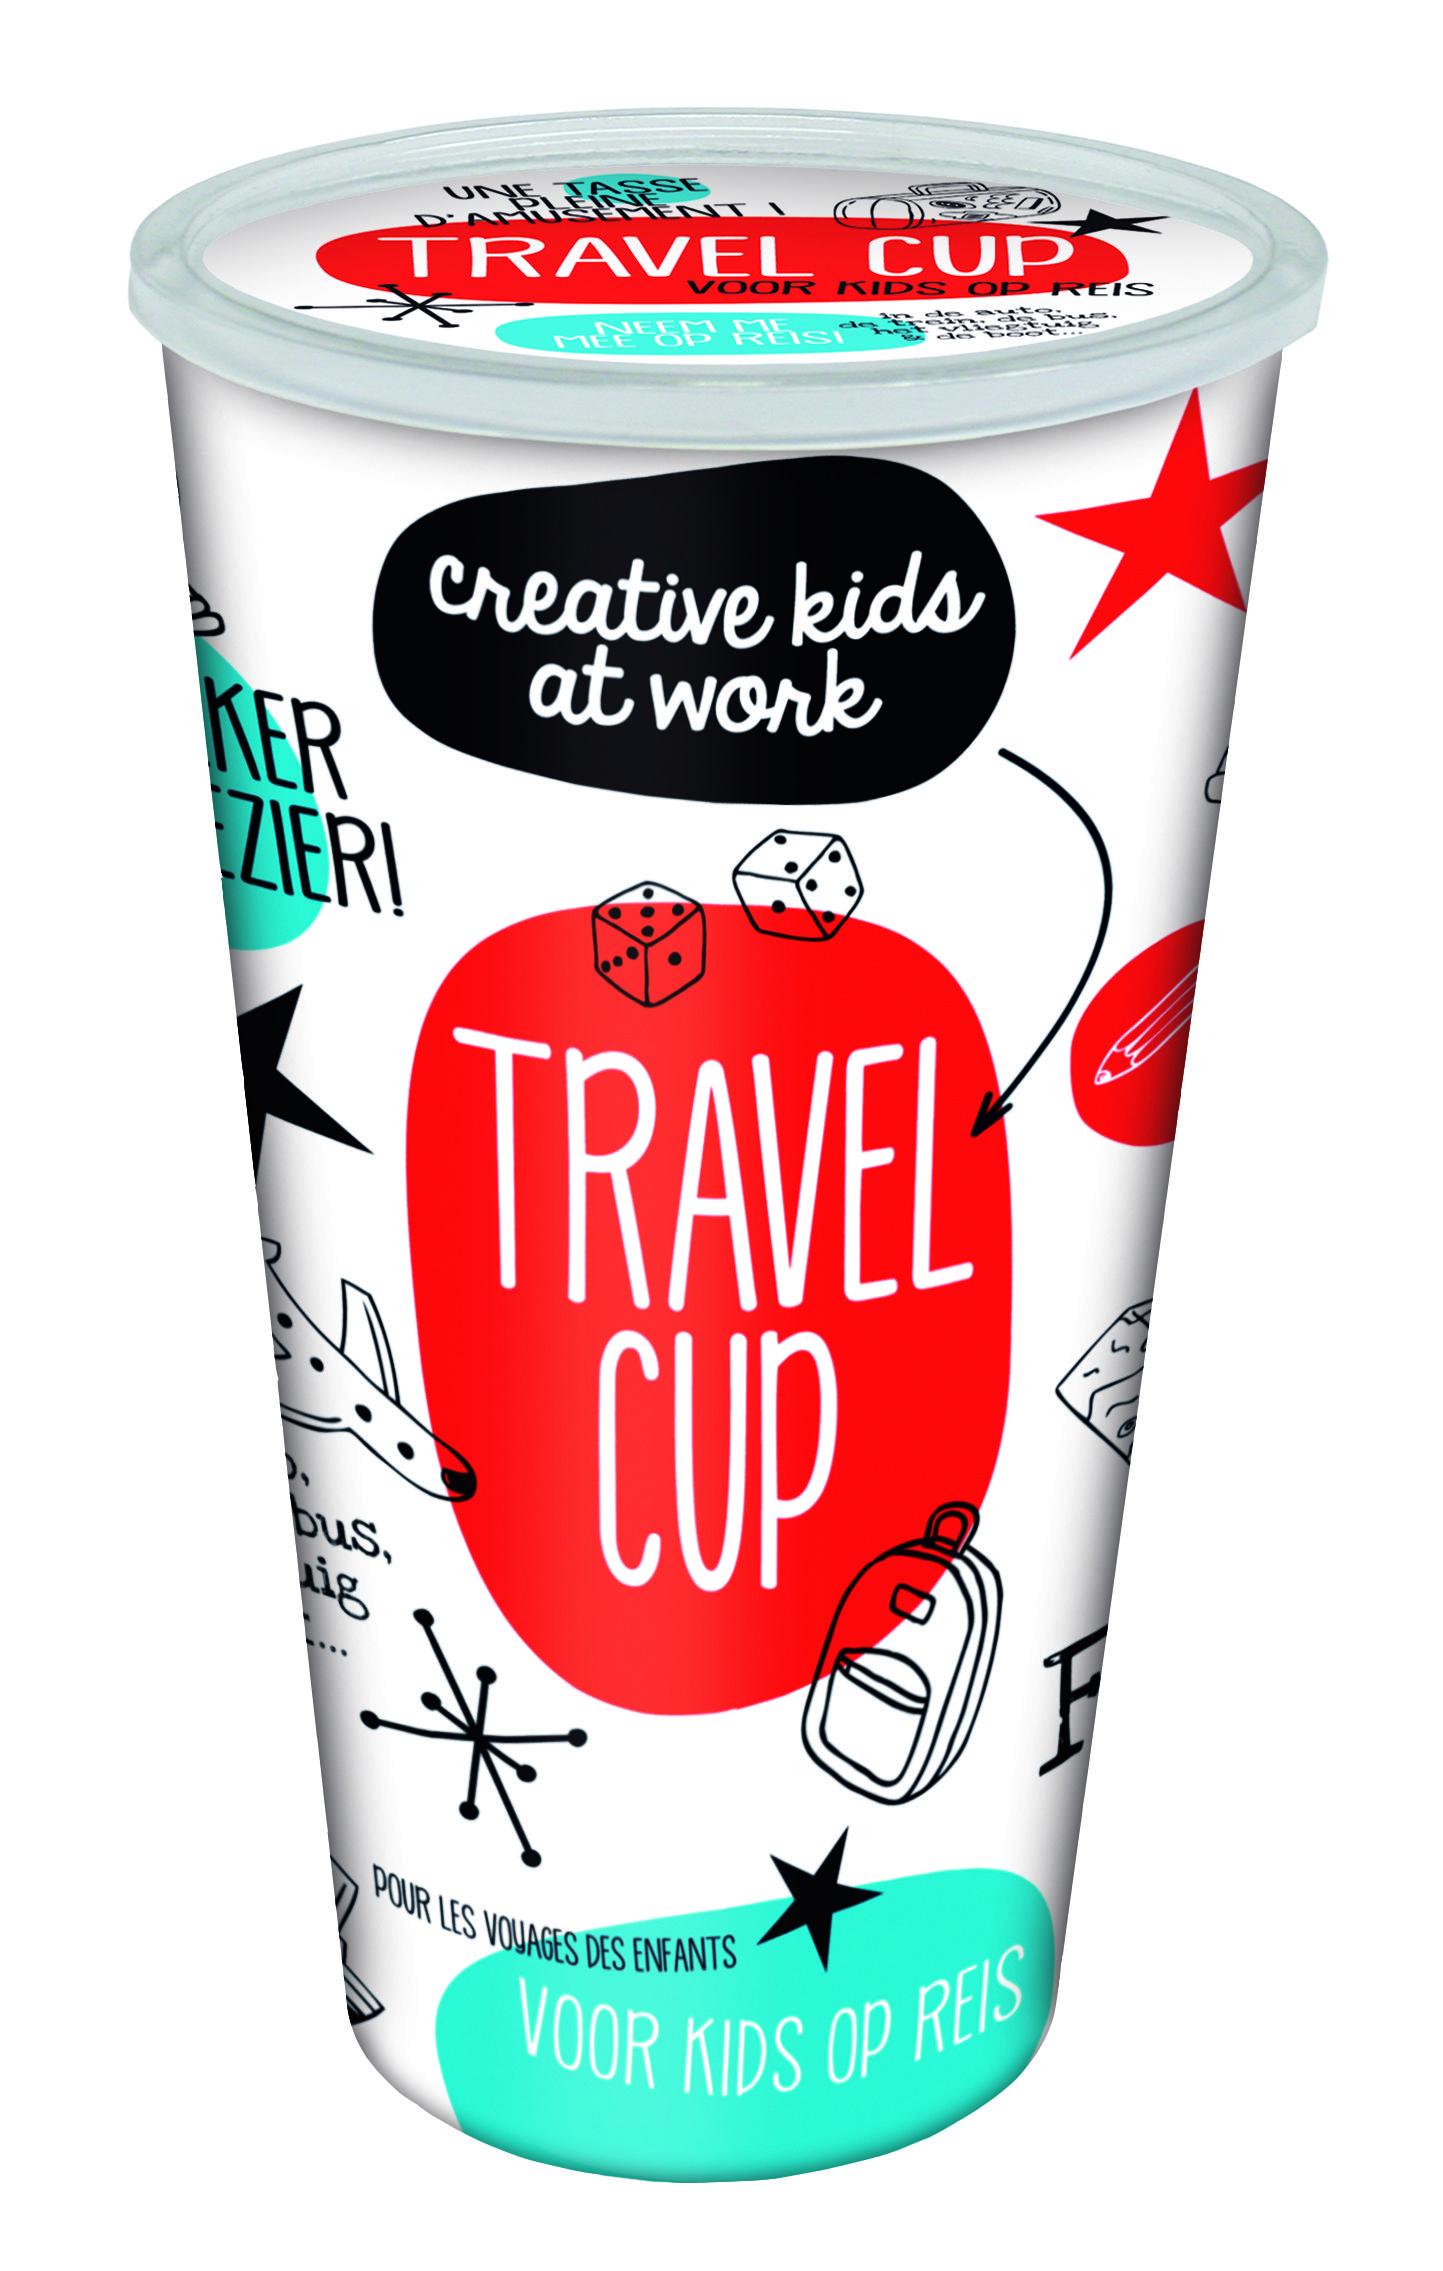 Imagebooks Travel Cup Spelletjes Voor Op Reis Vakantie Onderweg Binnen Spelen Travel Op Reis Binnen Spel